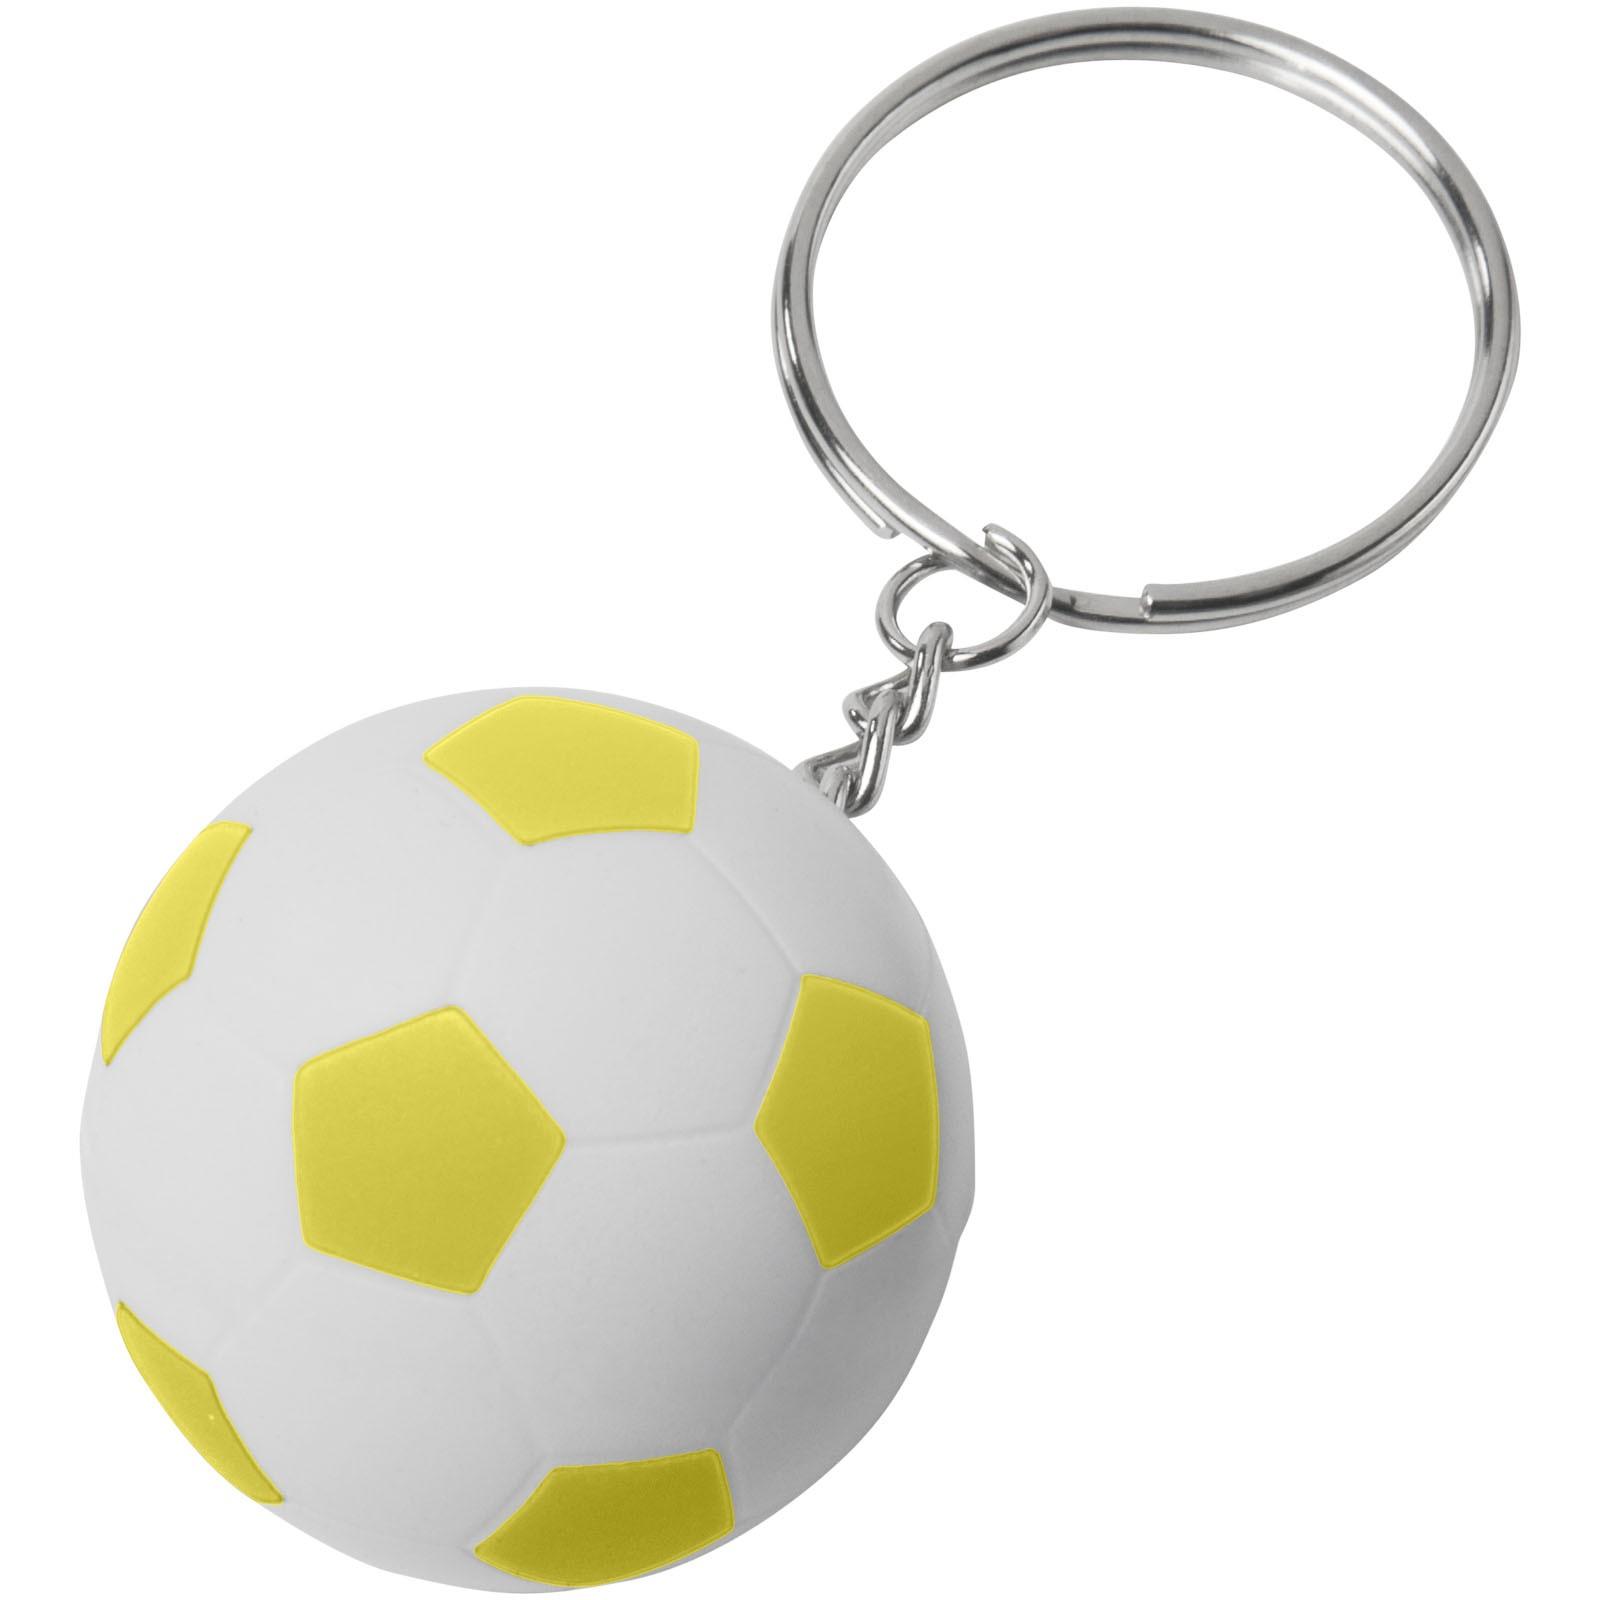 Fotbalový přívěsek na klíče Striker - Žlutá / Bílá